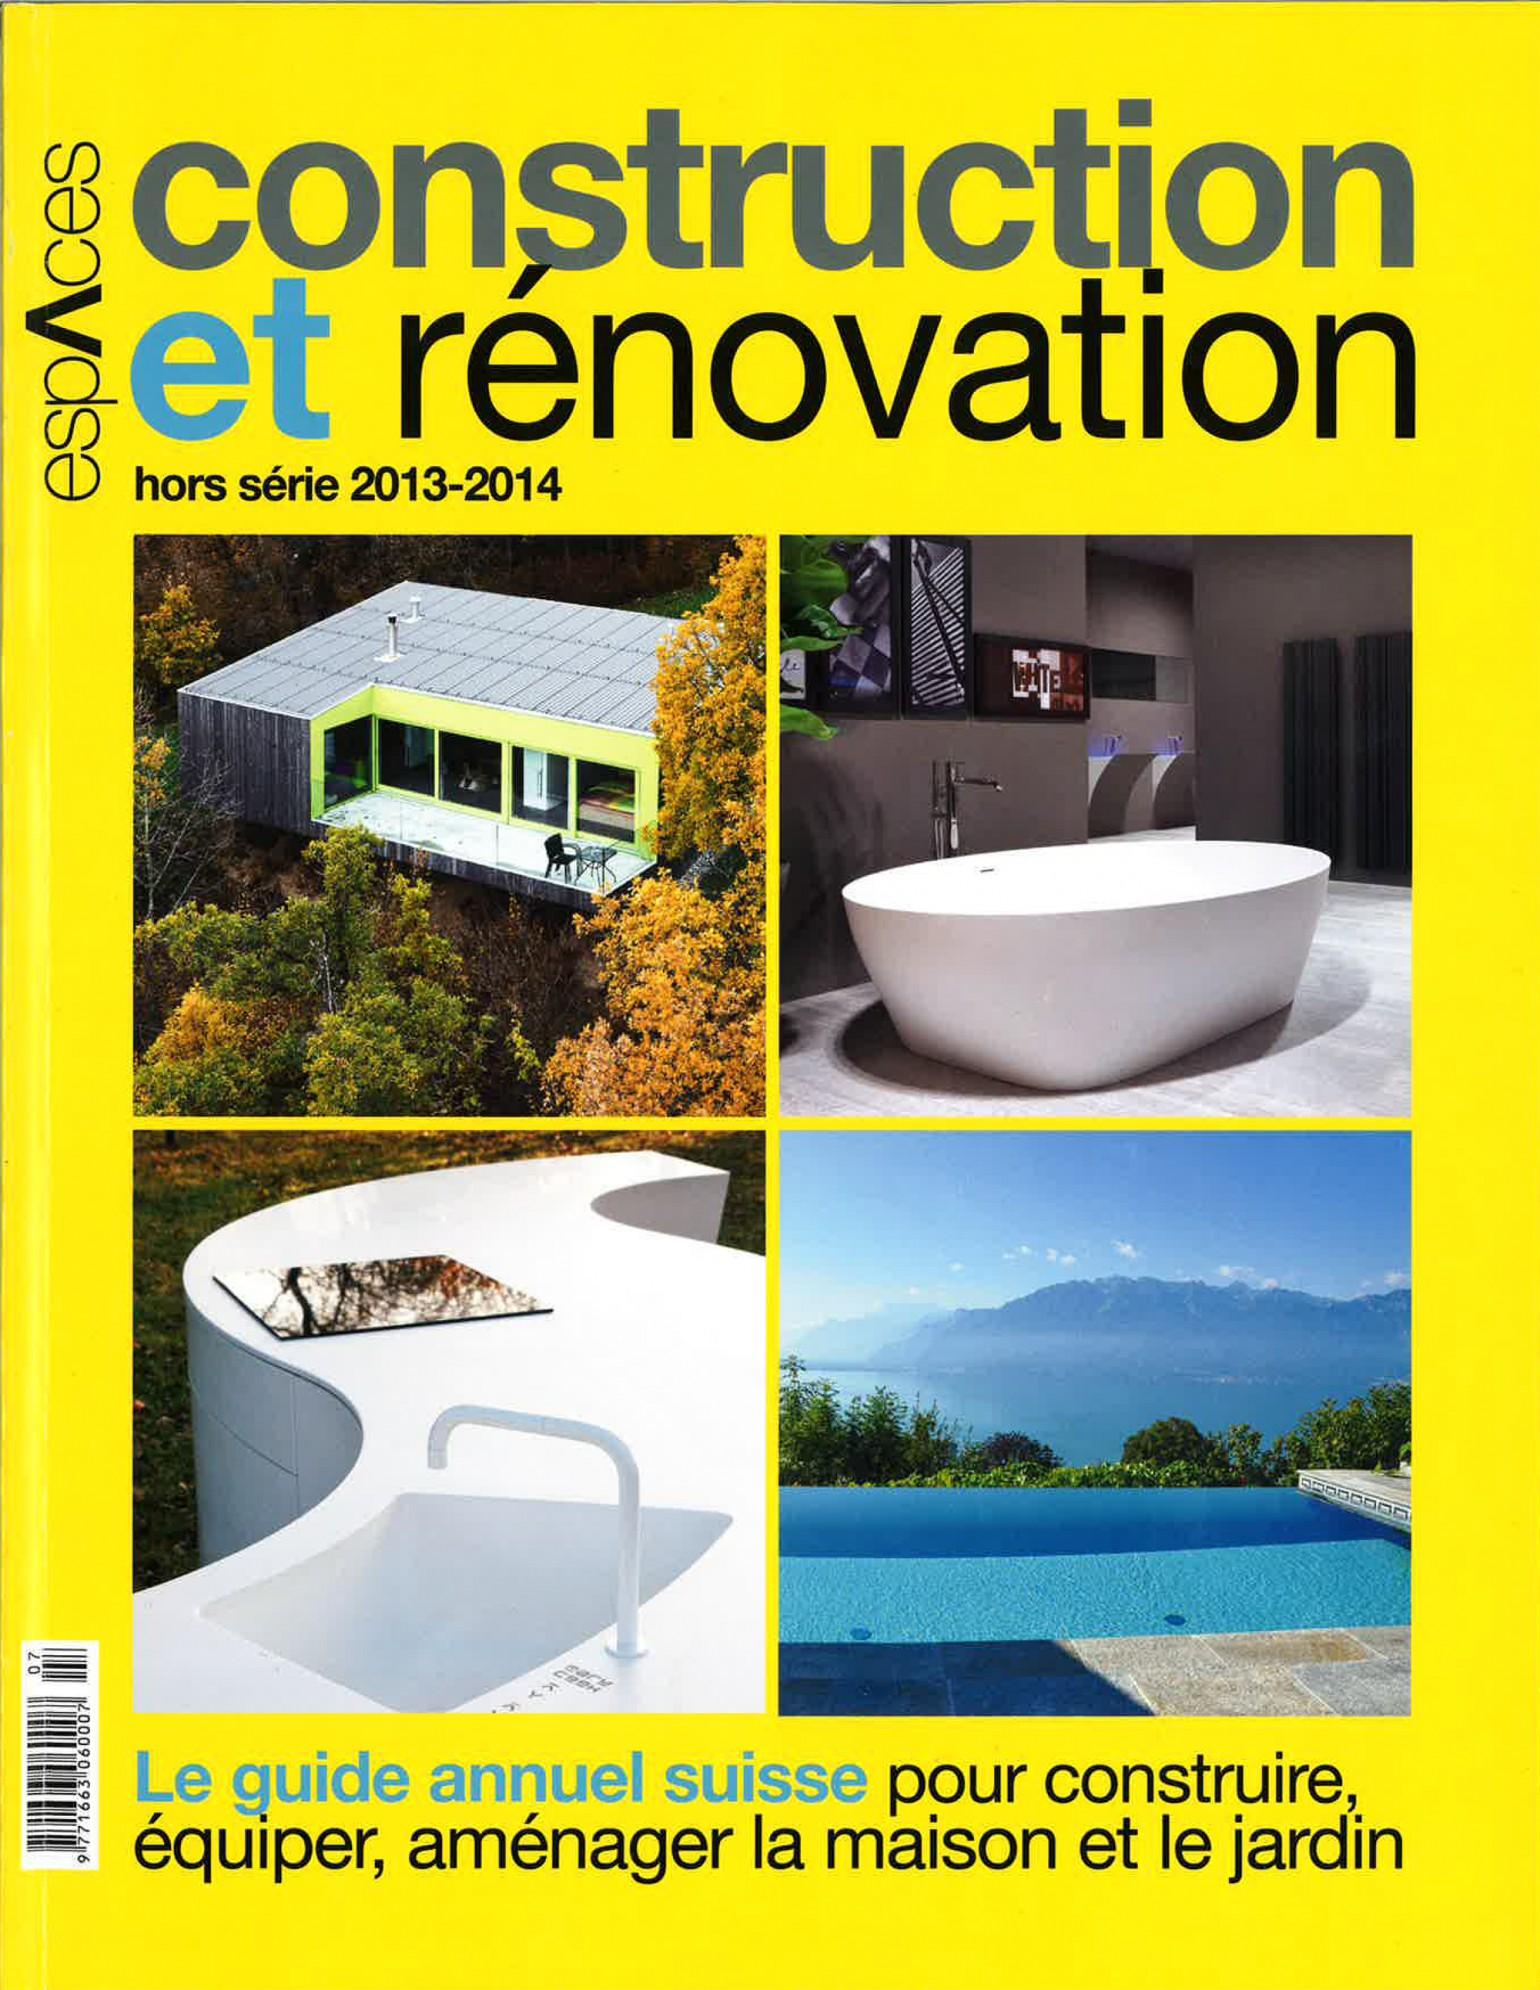 2014 MMG espaces-construction et renovation-couverture